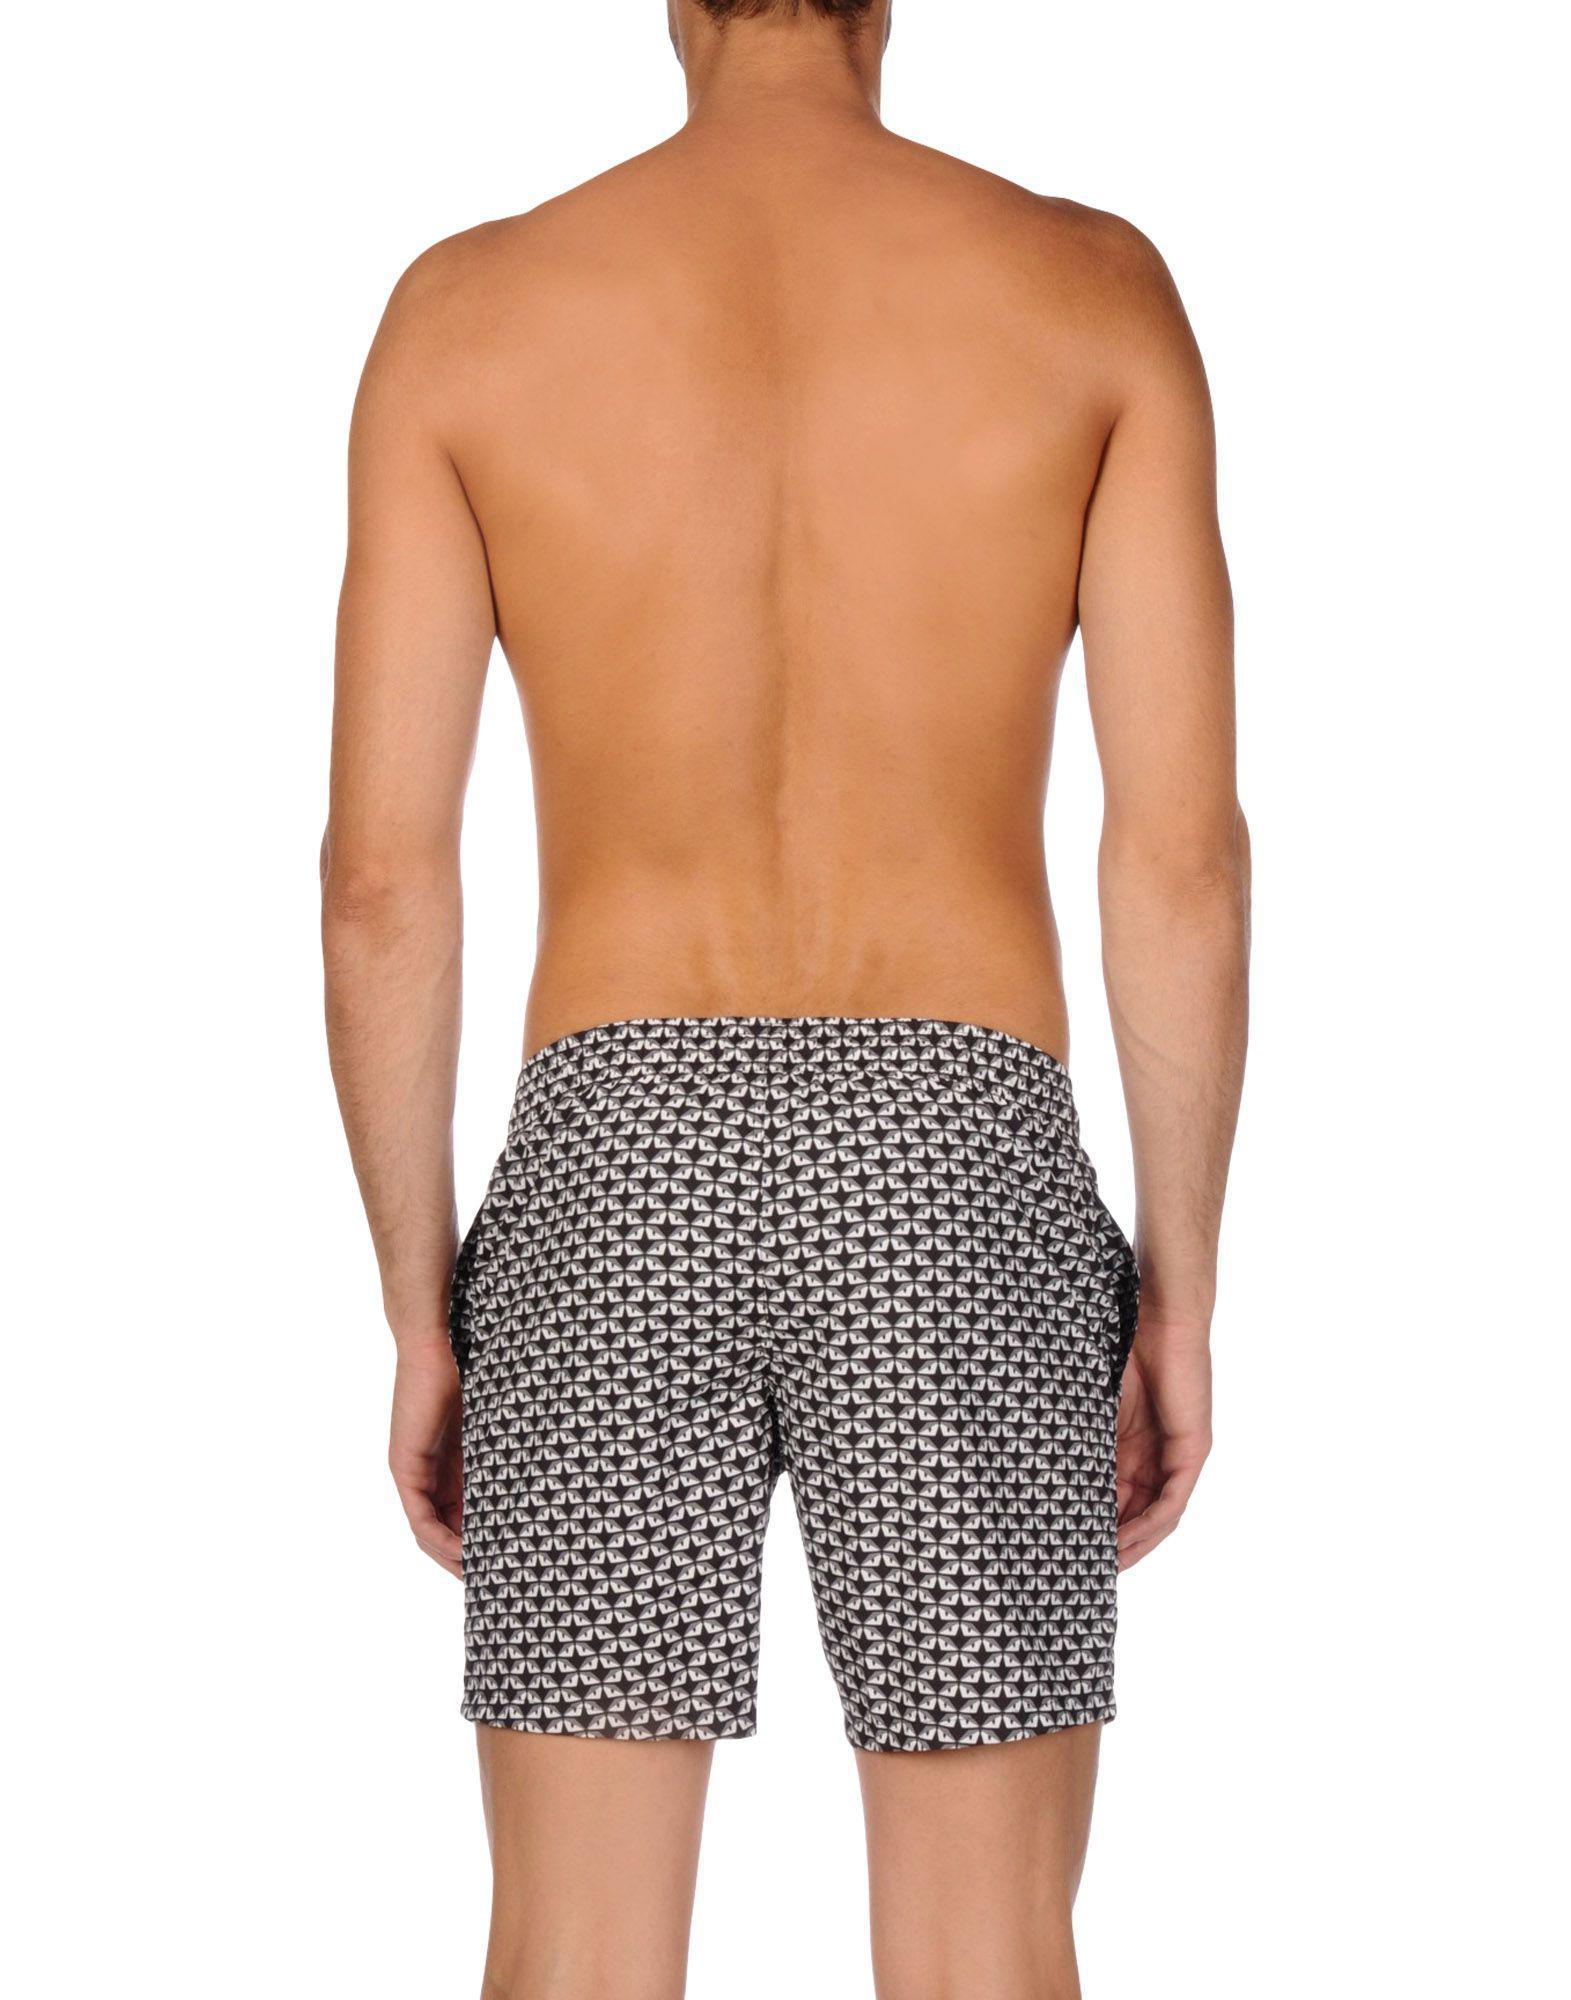 5138fac9d6 Lyst - Fendi Swim Trunks in Gray for Men